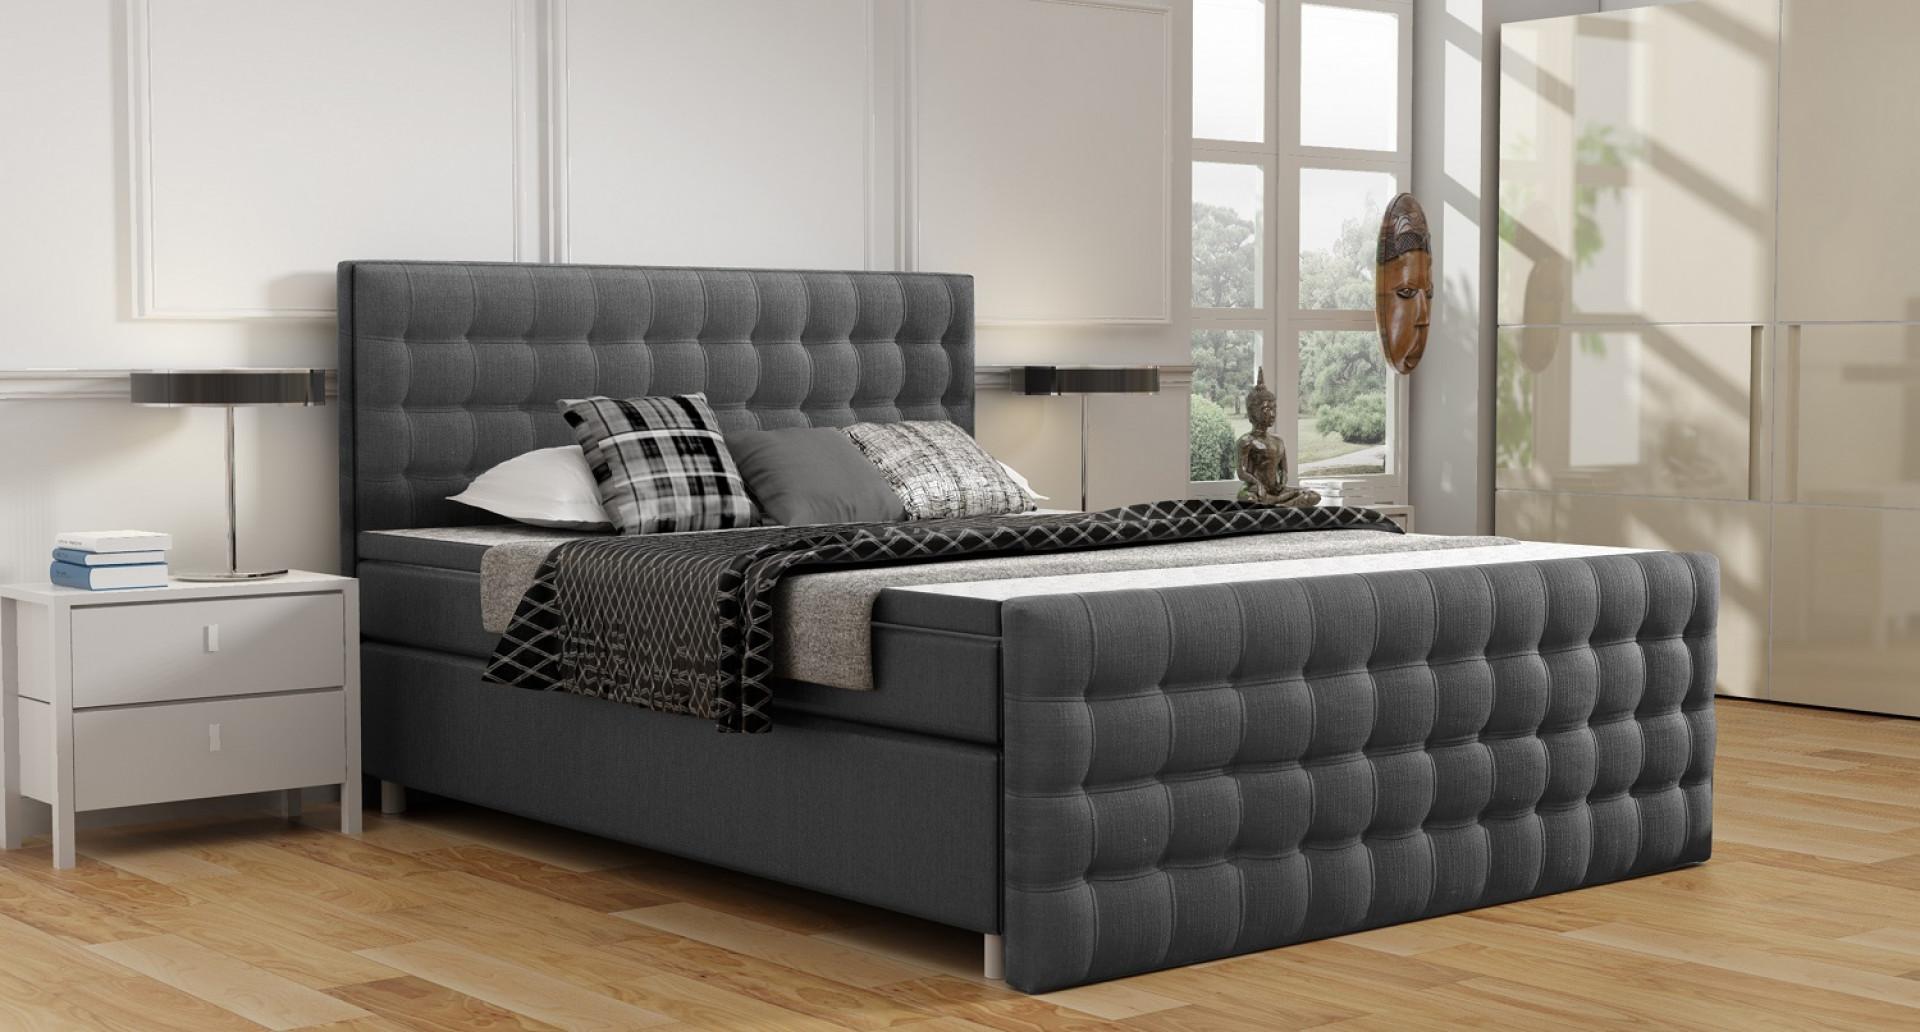 Łóżko kontynentalne New York marki Comforteo. Fot. Comforteo